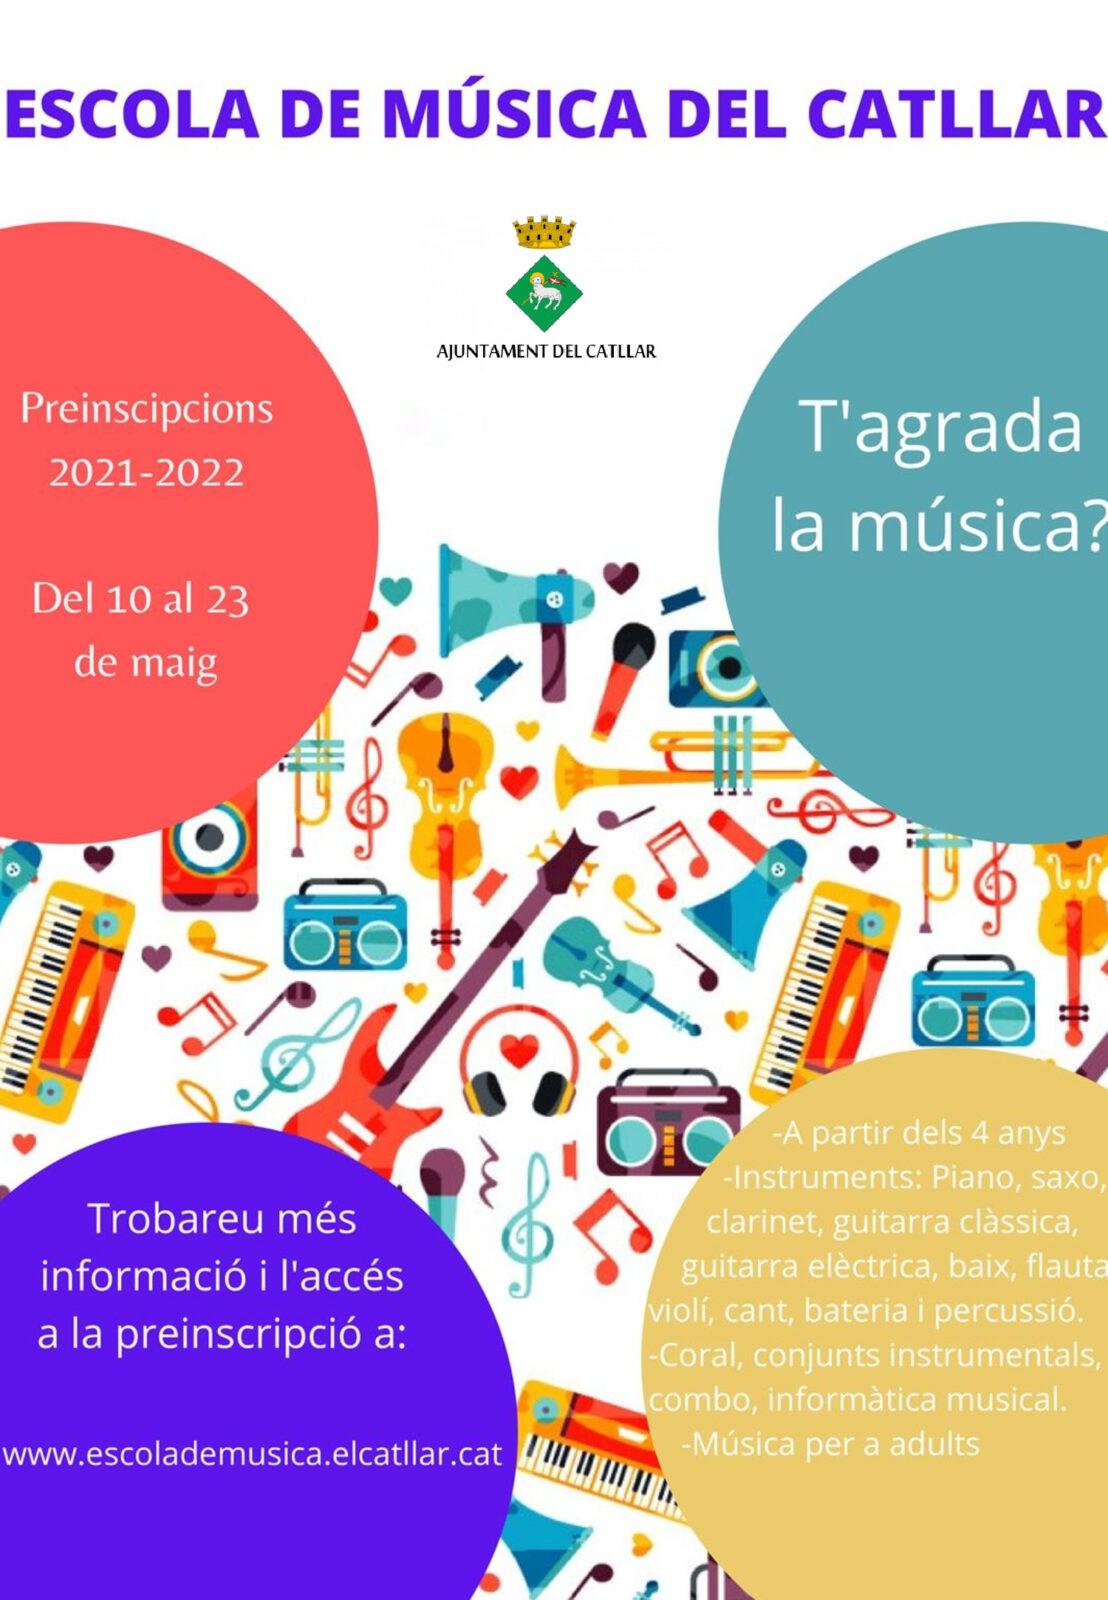 PREINSCRIPCIÓ ENSENYAMENTS MUSICALS DEL CATLLAR 2021-2022